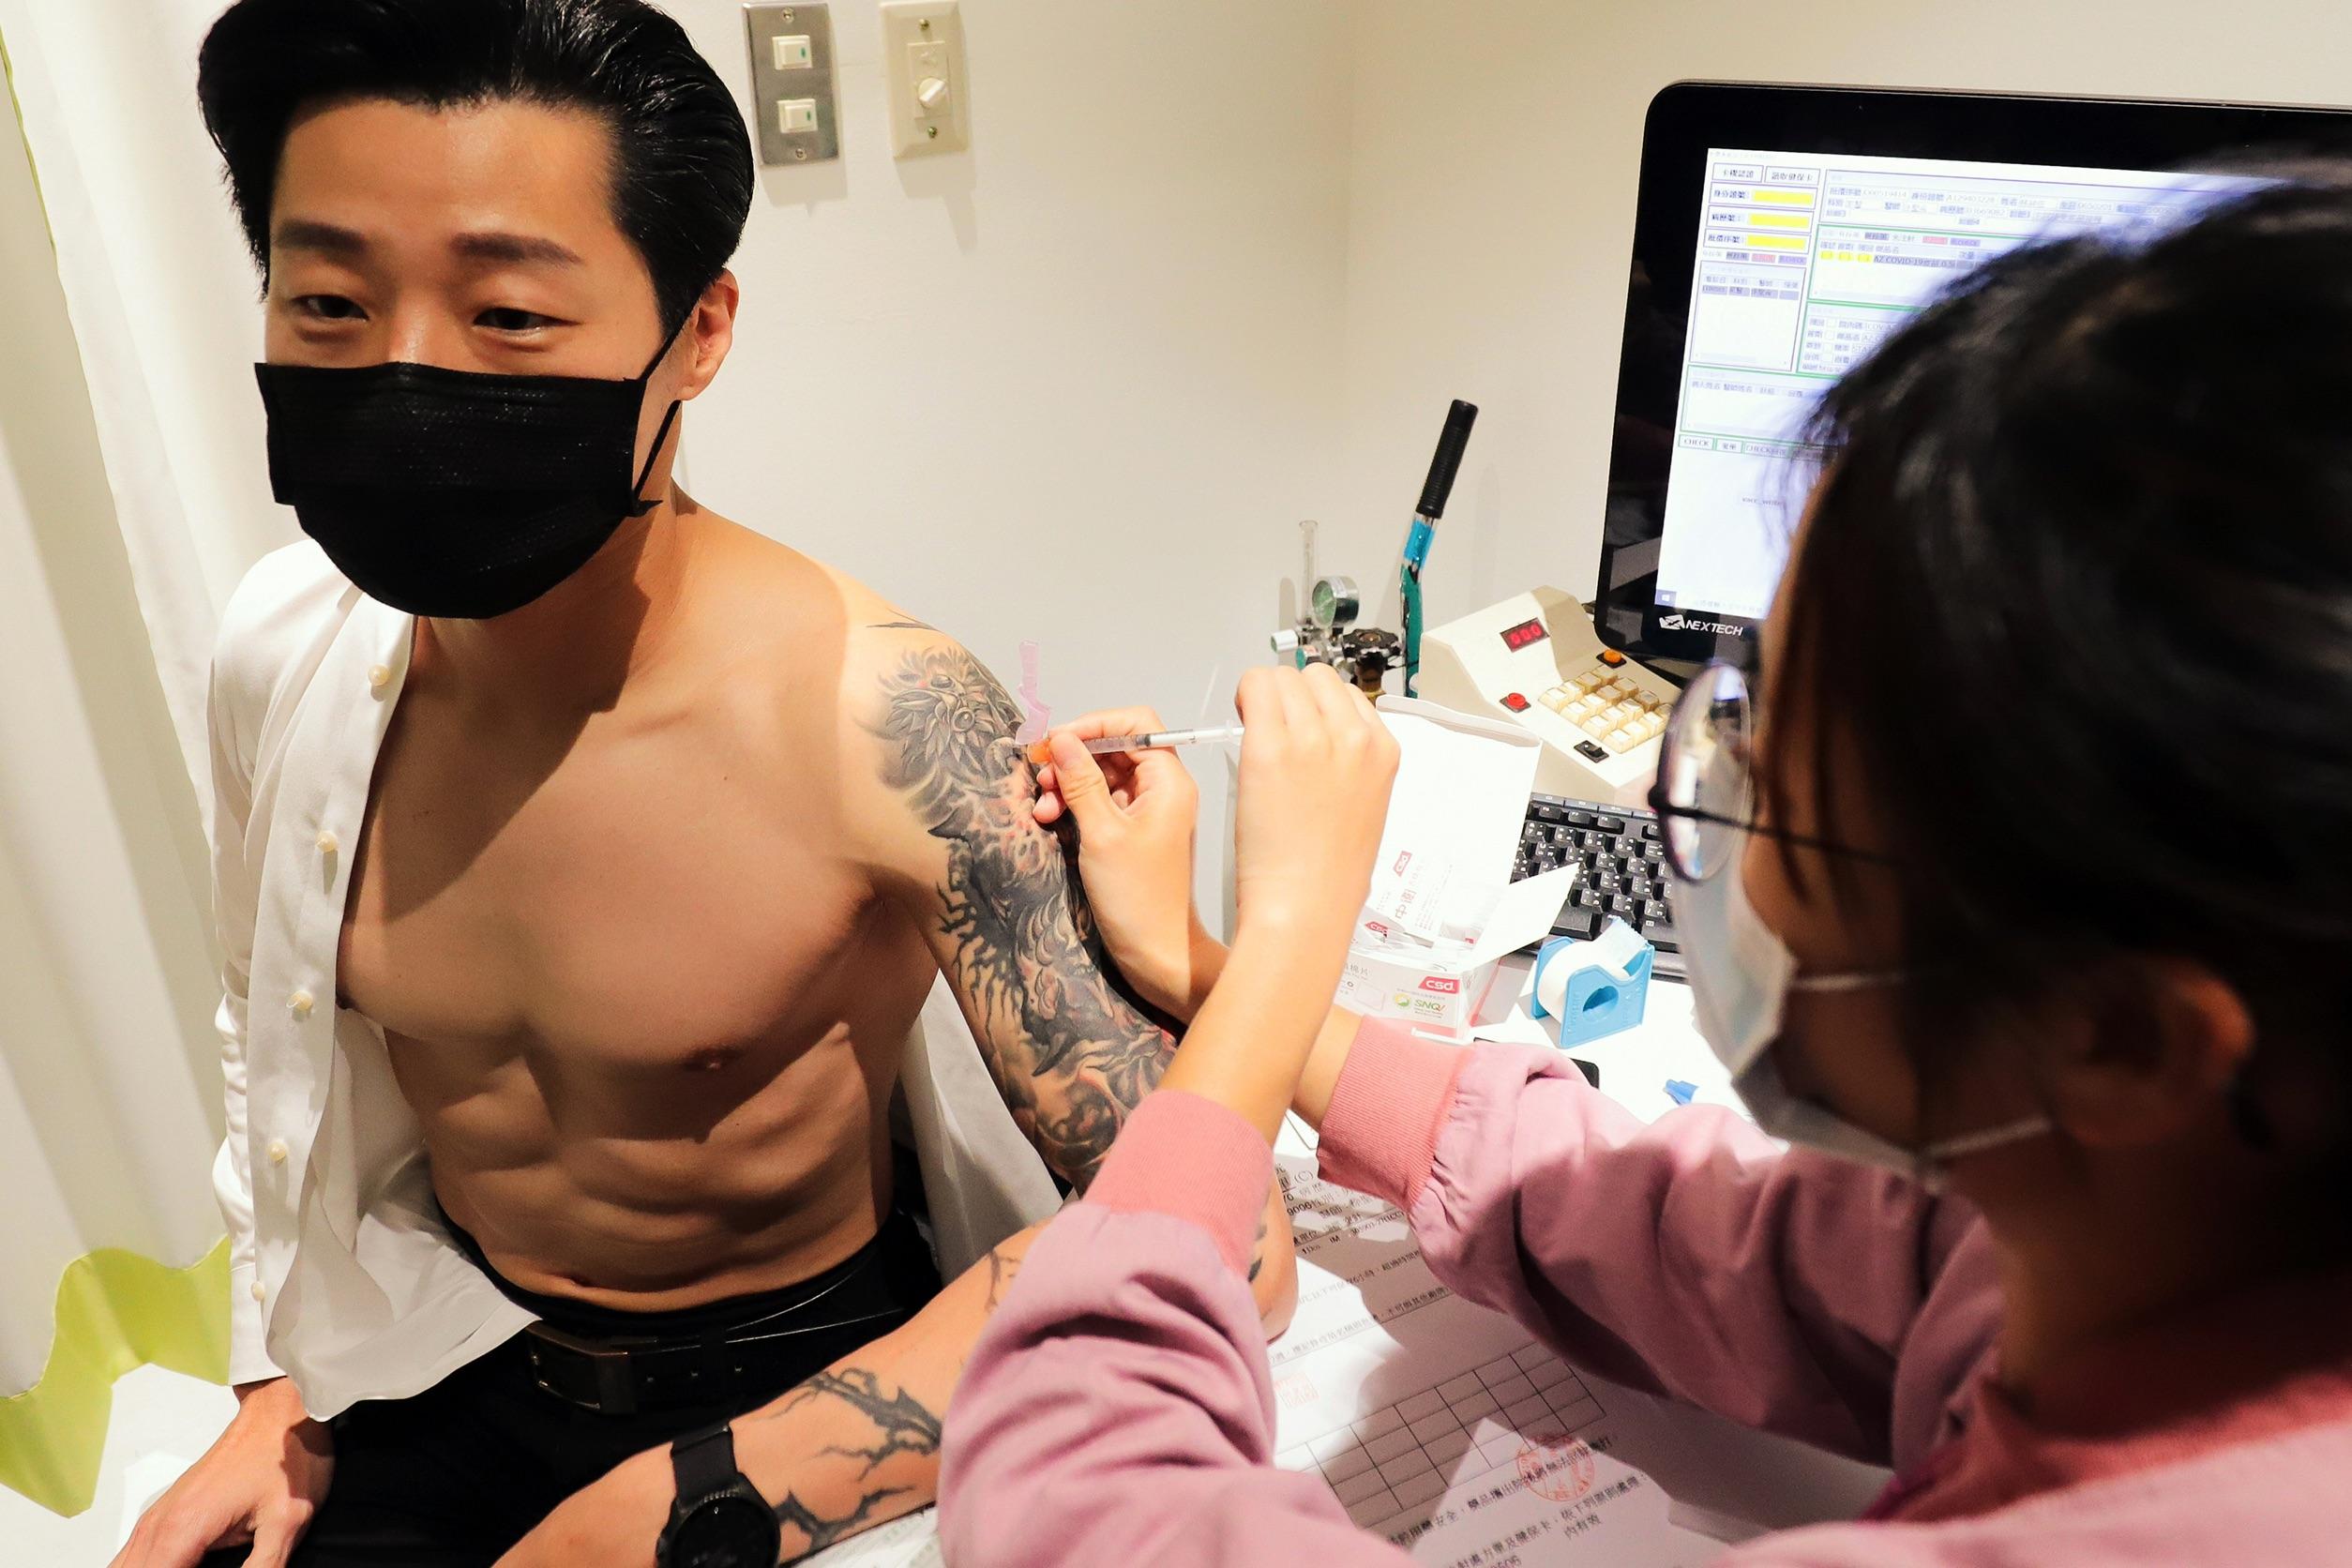 林昶佐注射疫苗意外露出健美身材。林昶佐辦公室提供 林昶佐以身試針 打新冠疫苗意外露出完美身材